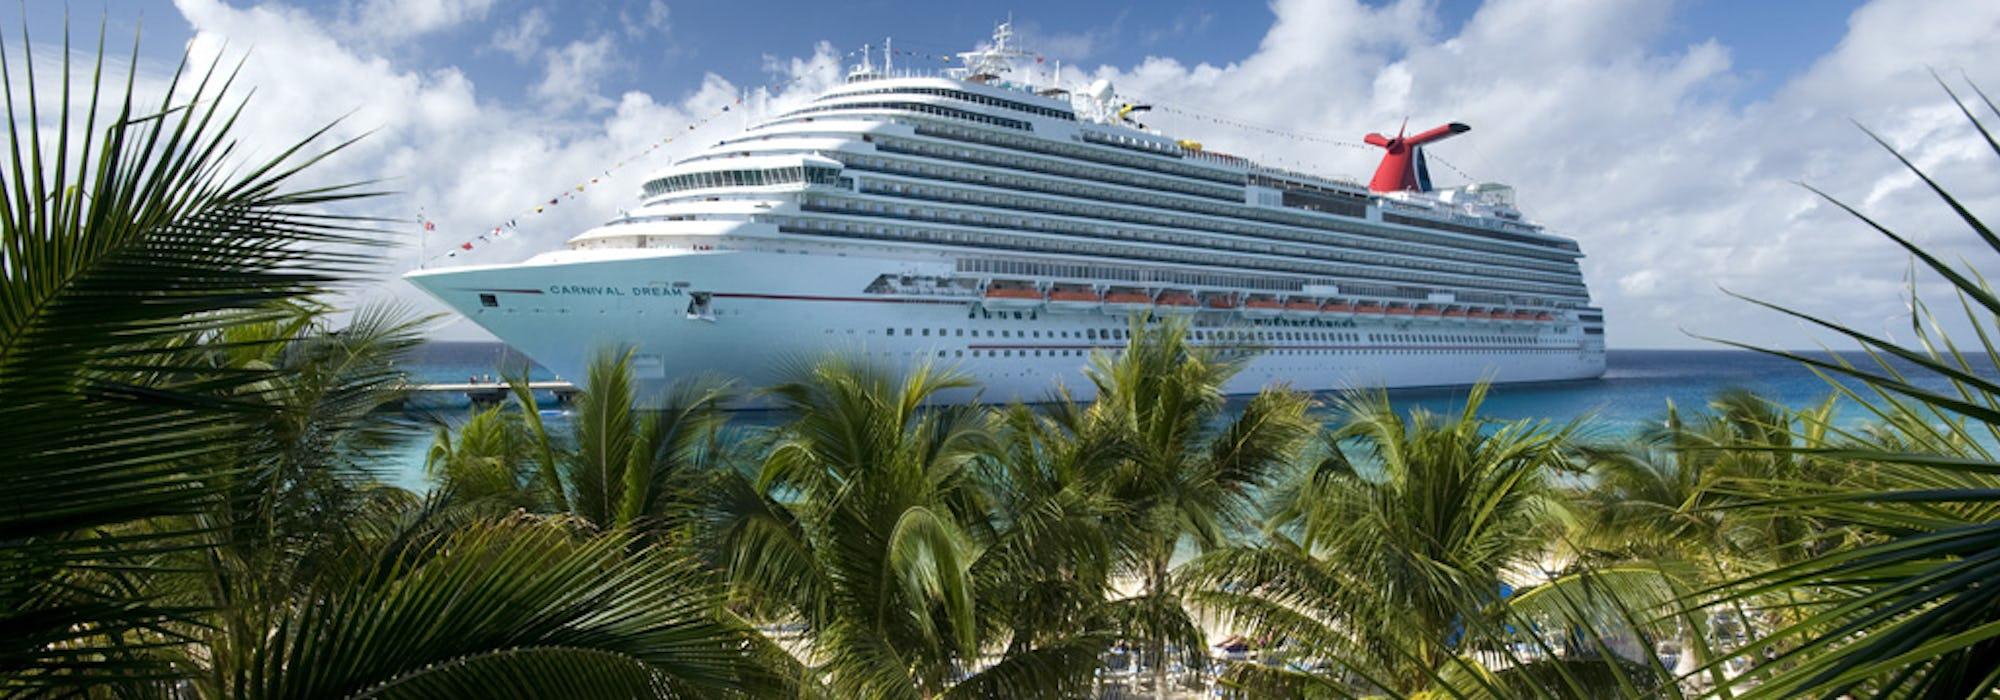 Bild på fartyget Carnival Dream. I förgrunden syns en sandstrand med solsängar och flera gröna palmer.